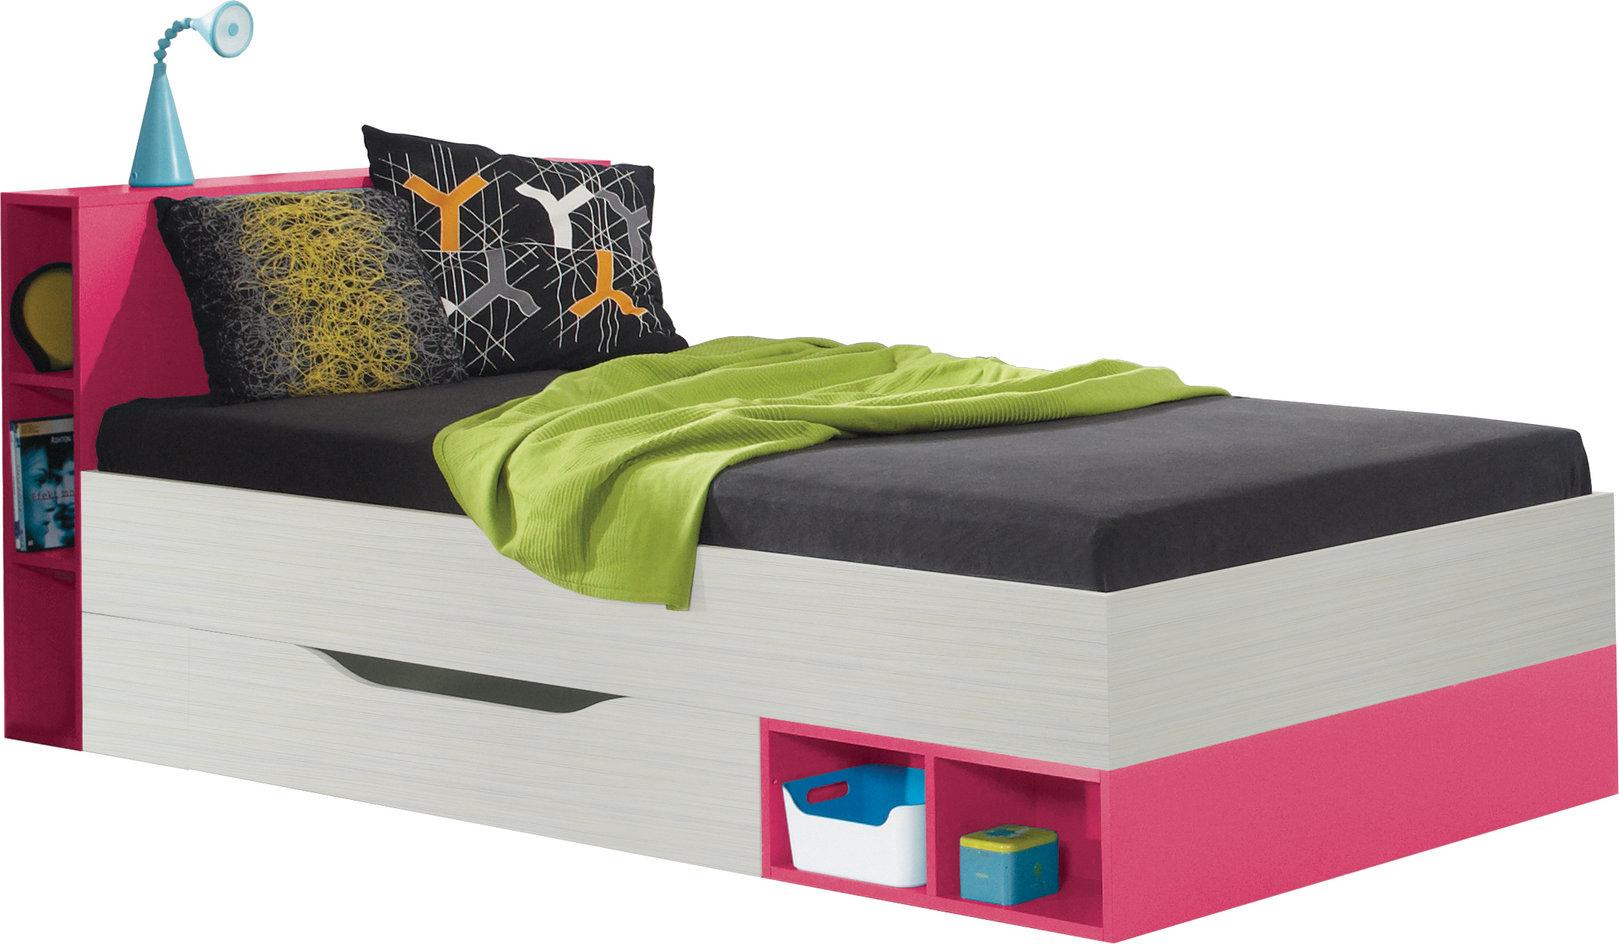 Meblar Detská posteľ Komi KM22 Farba: Ružová